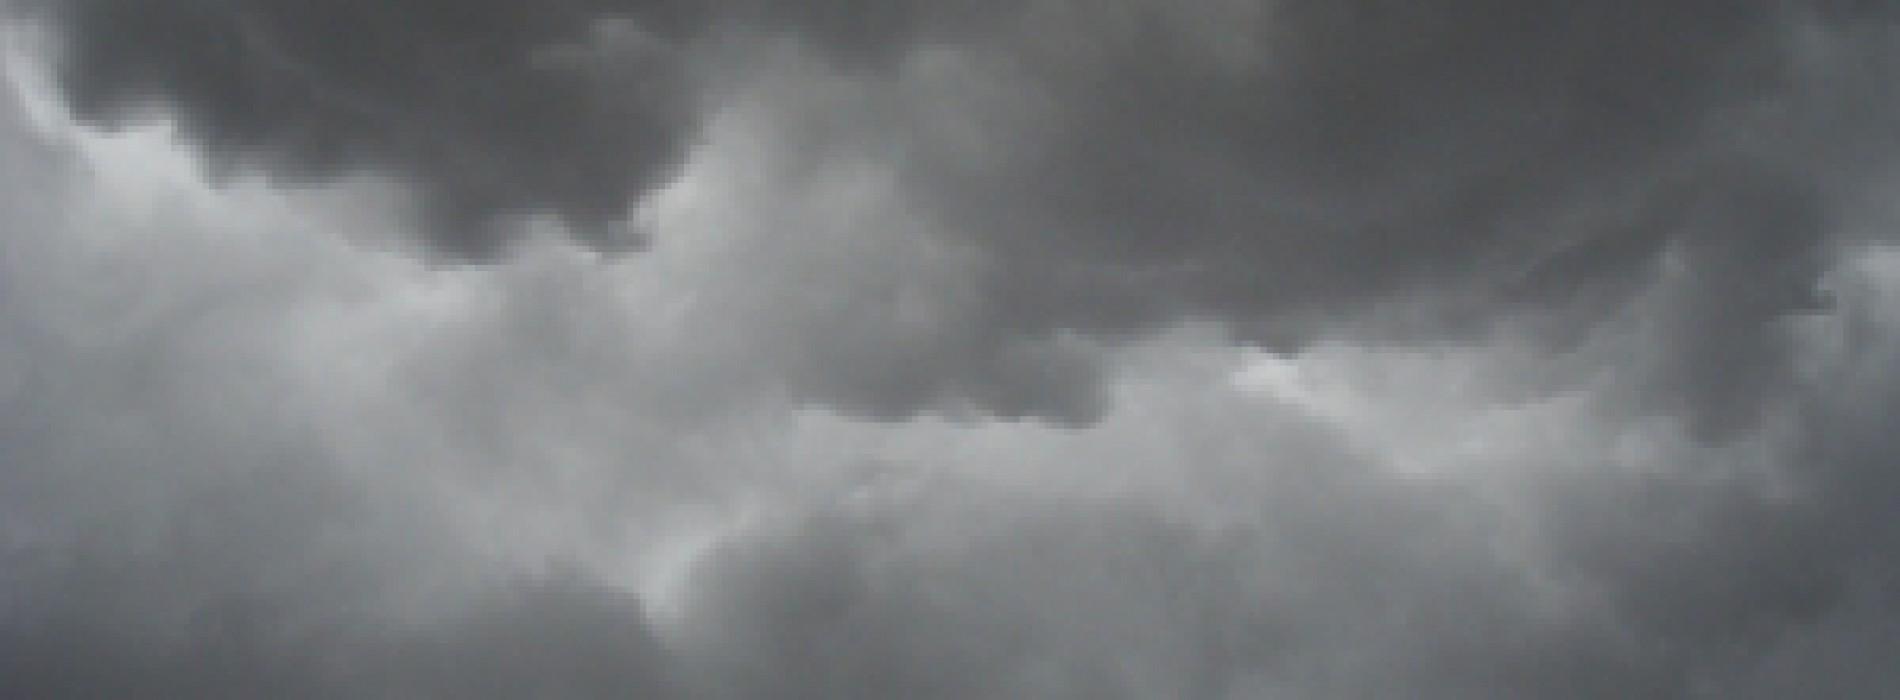 Synoptycy ostrzegają przed burzami